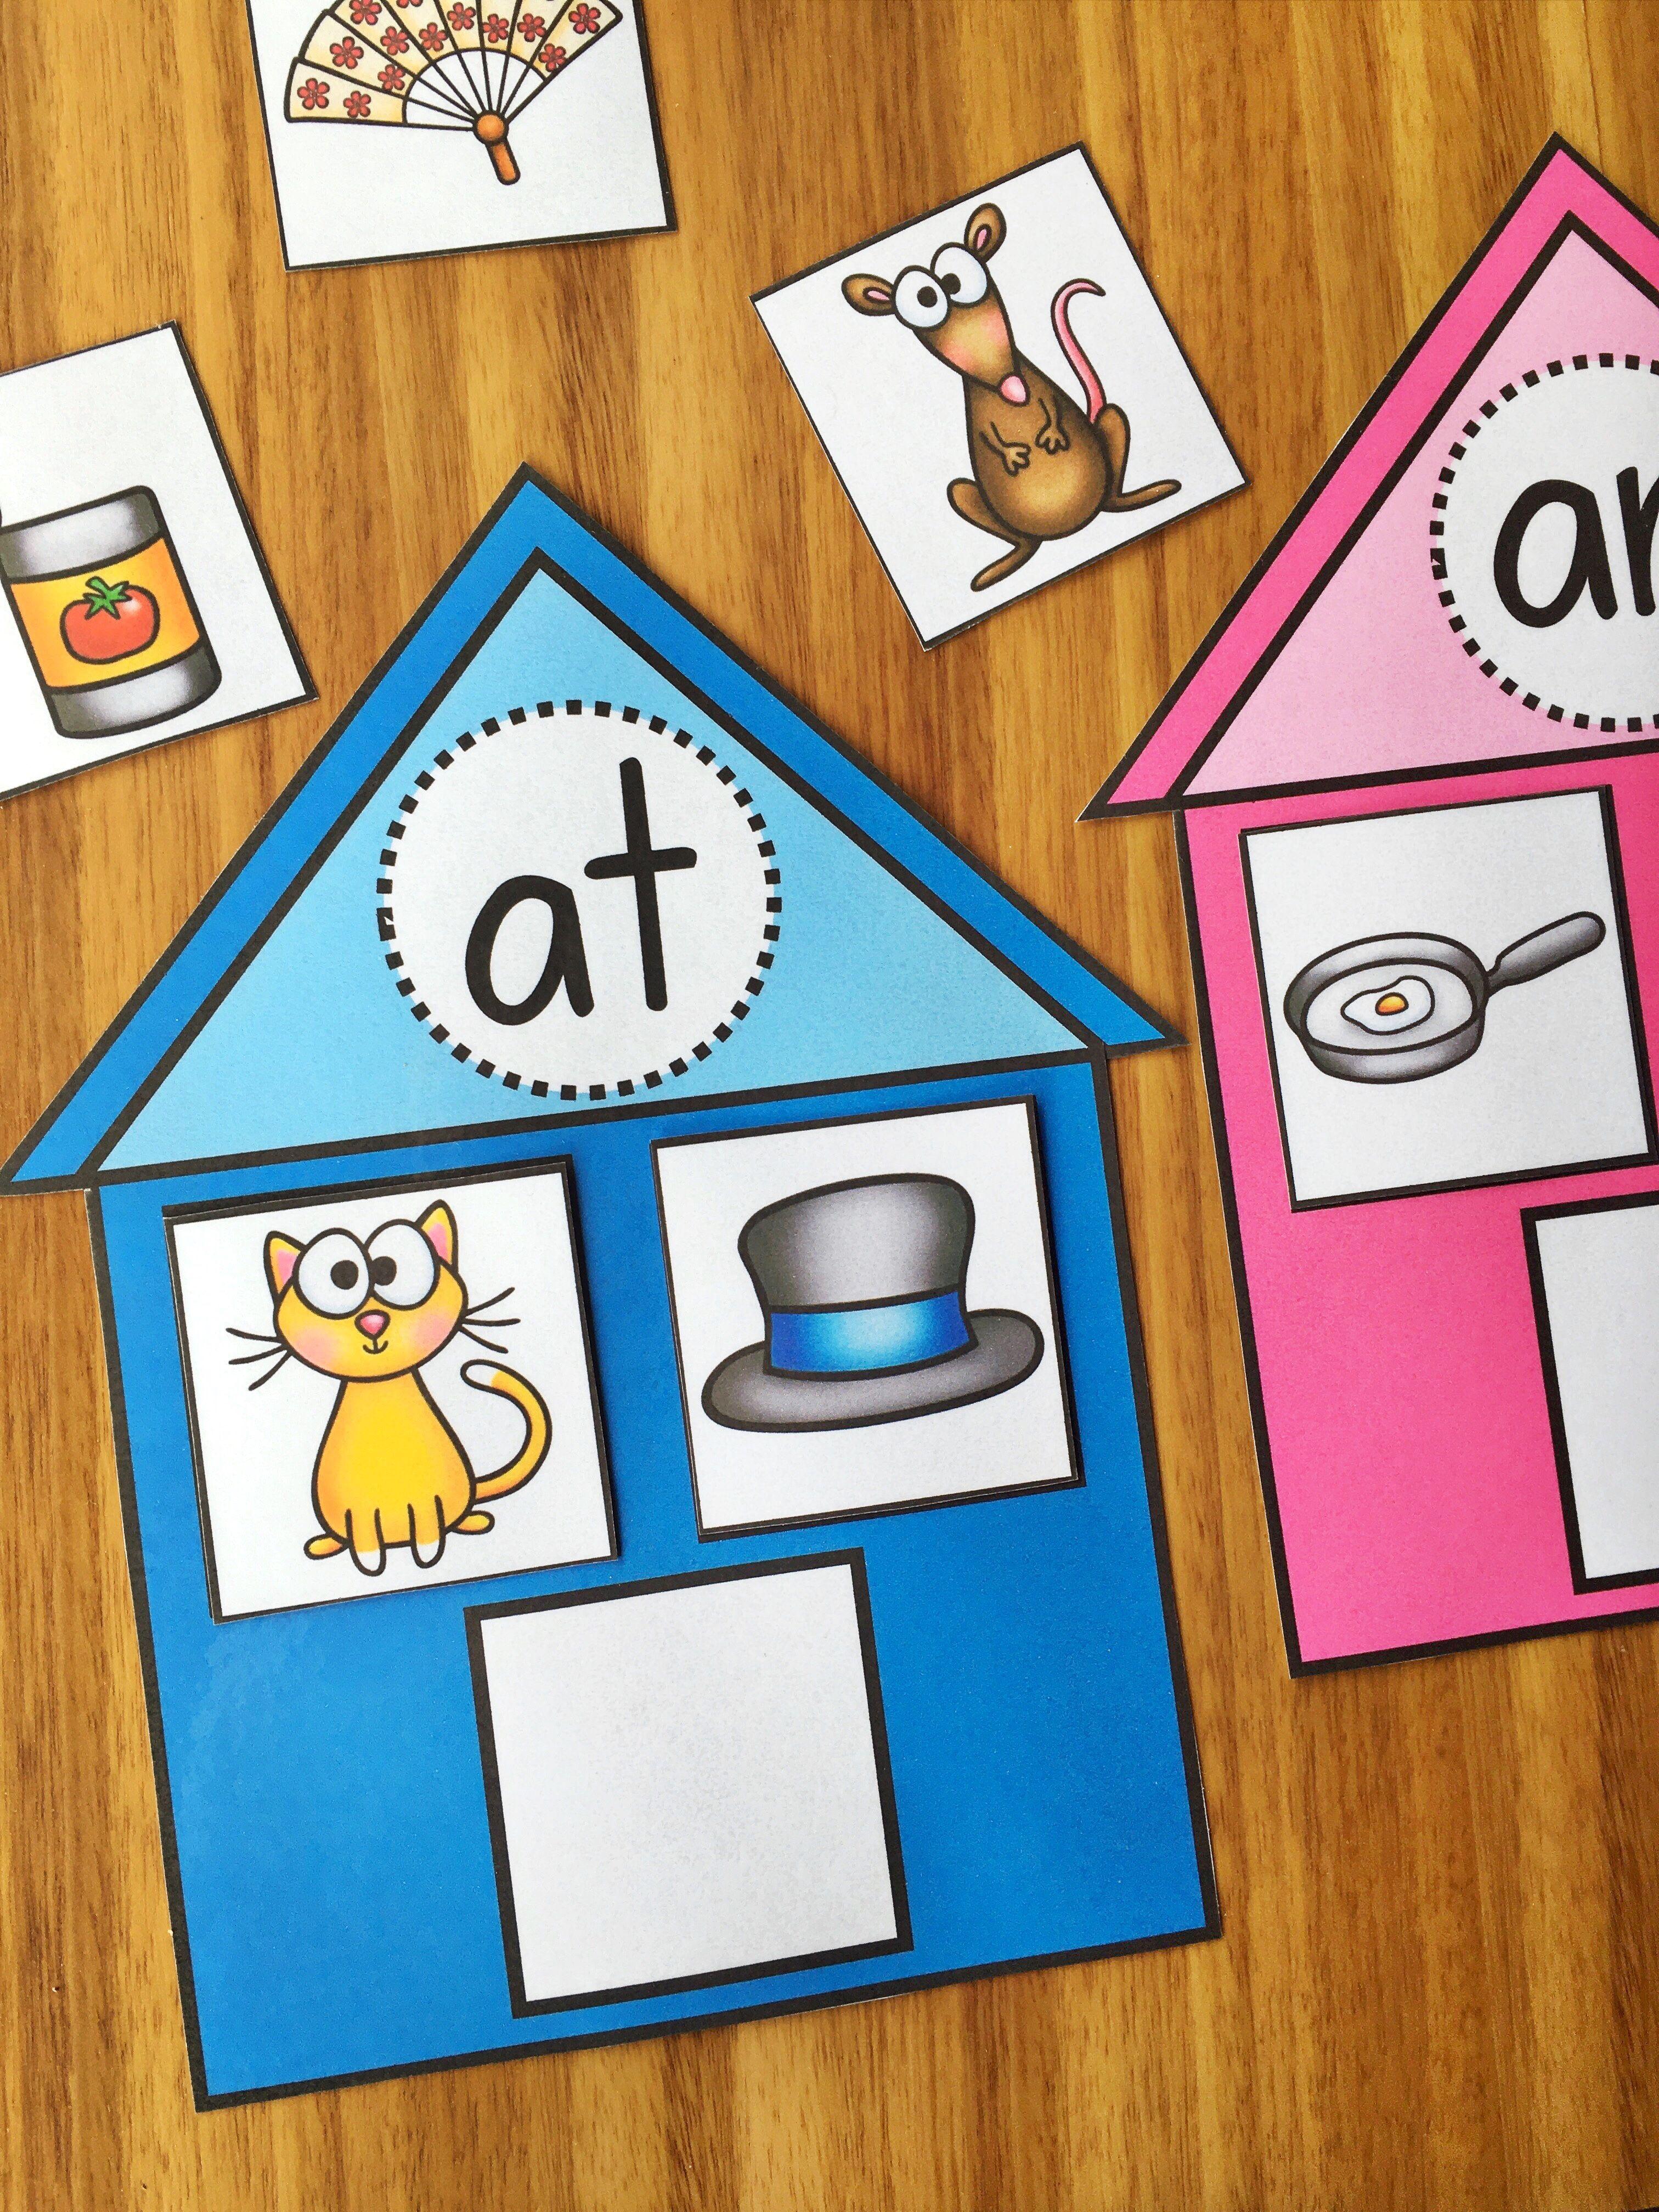 Short A Cvc Worksheet Pack With A Bonus Literacy Center